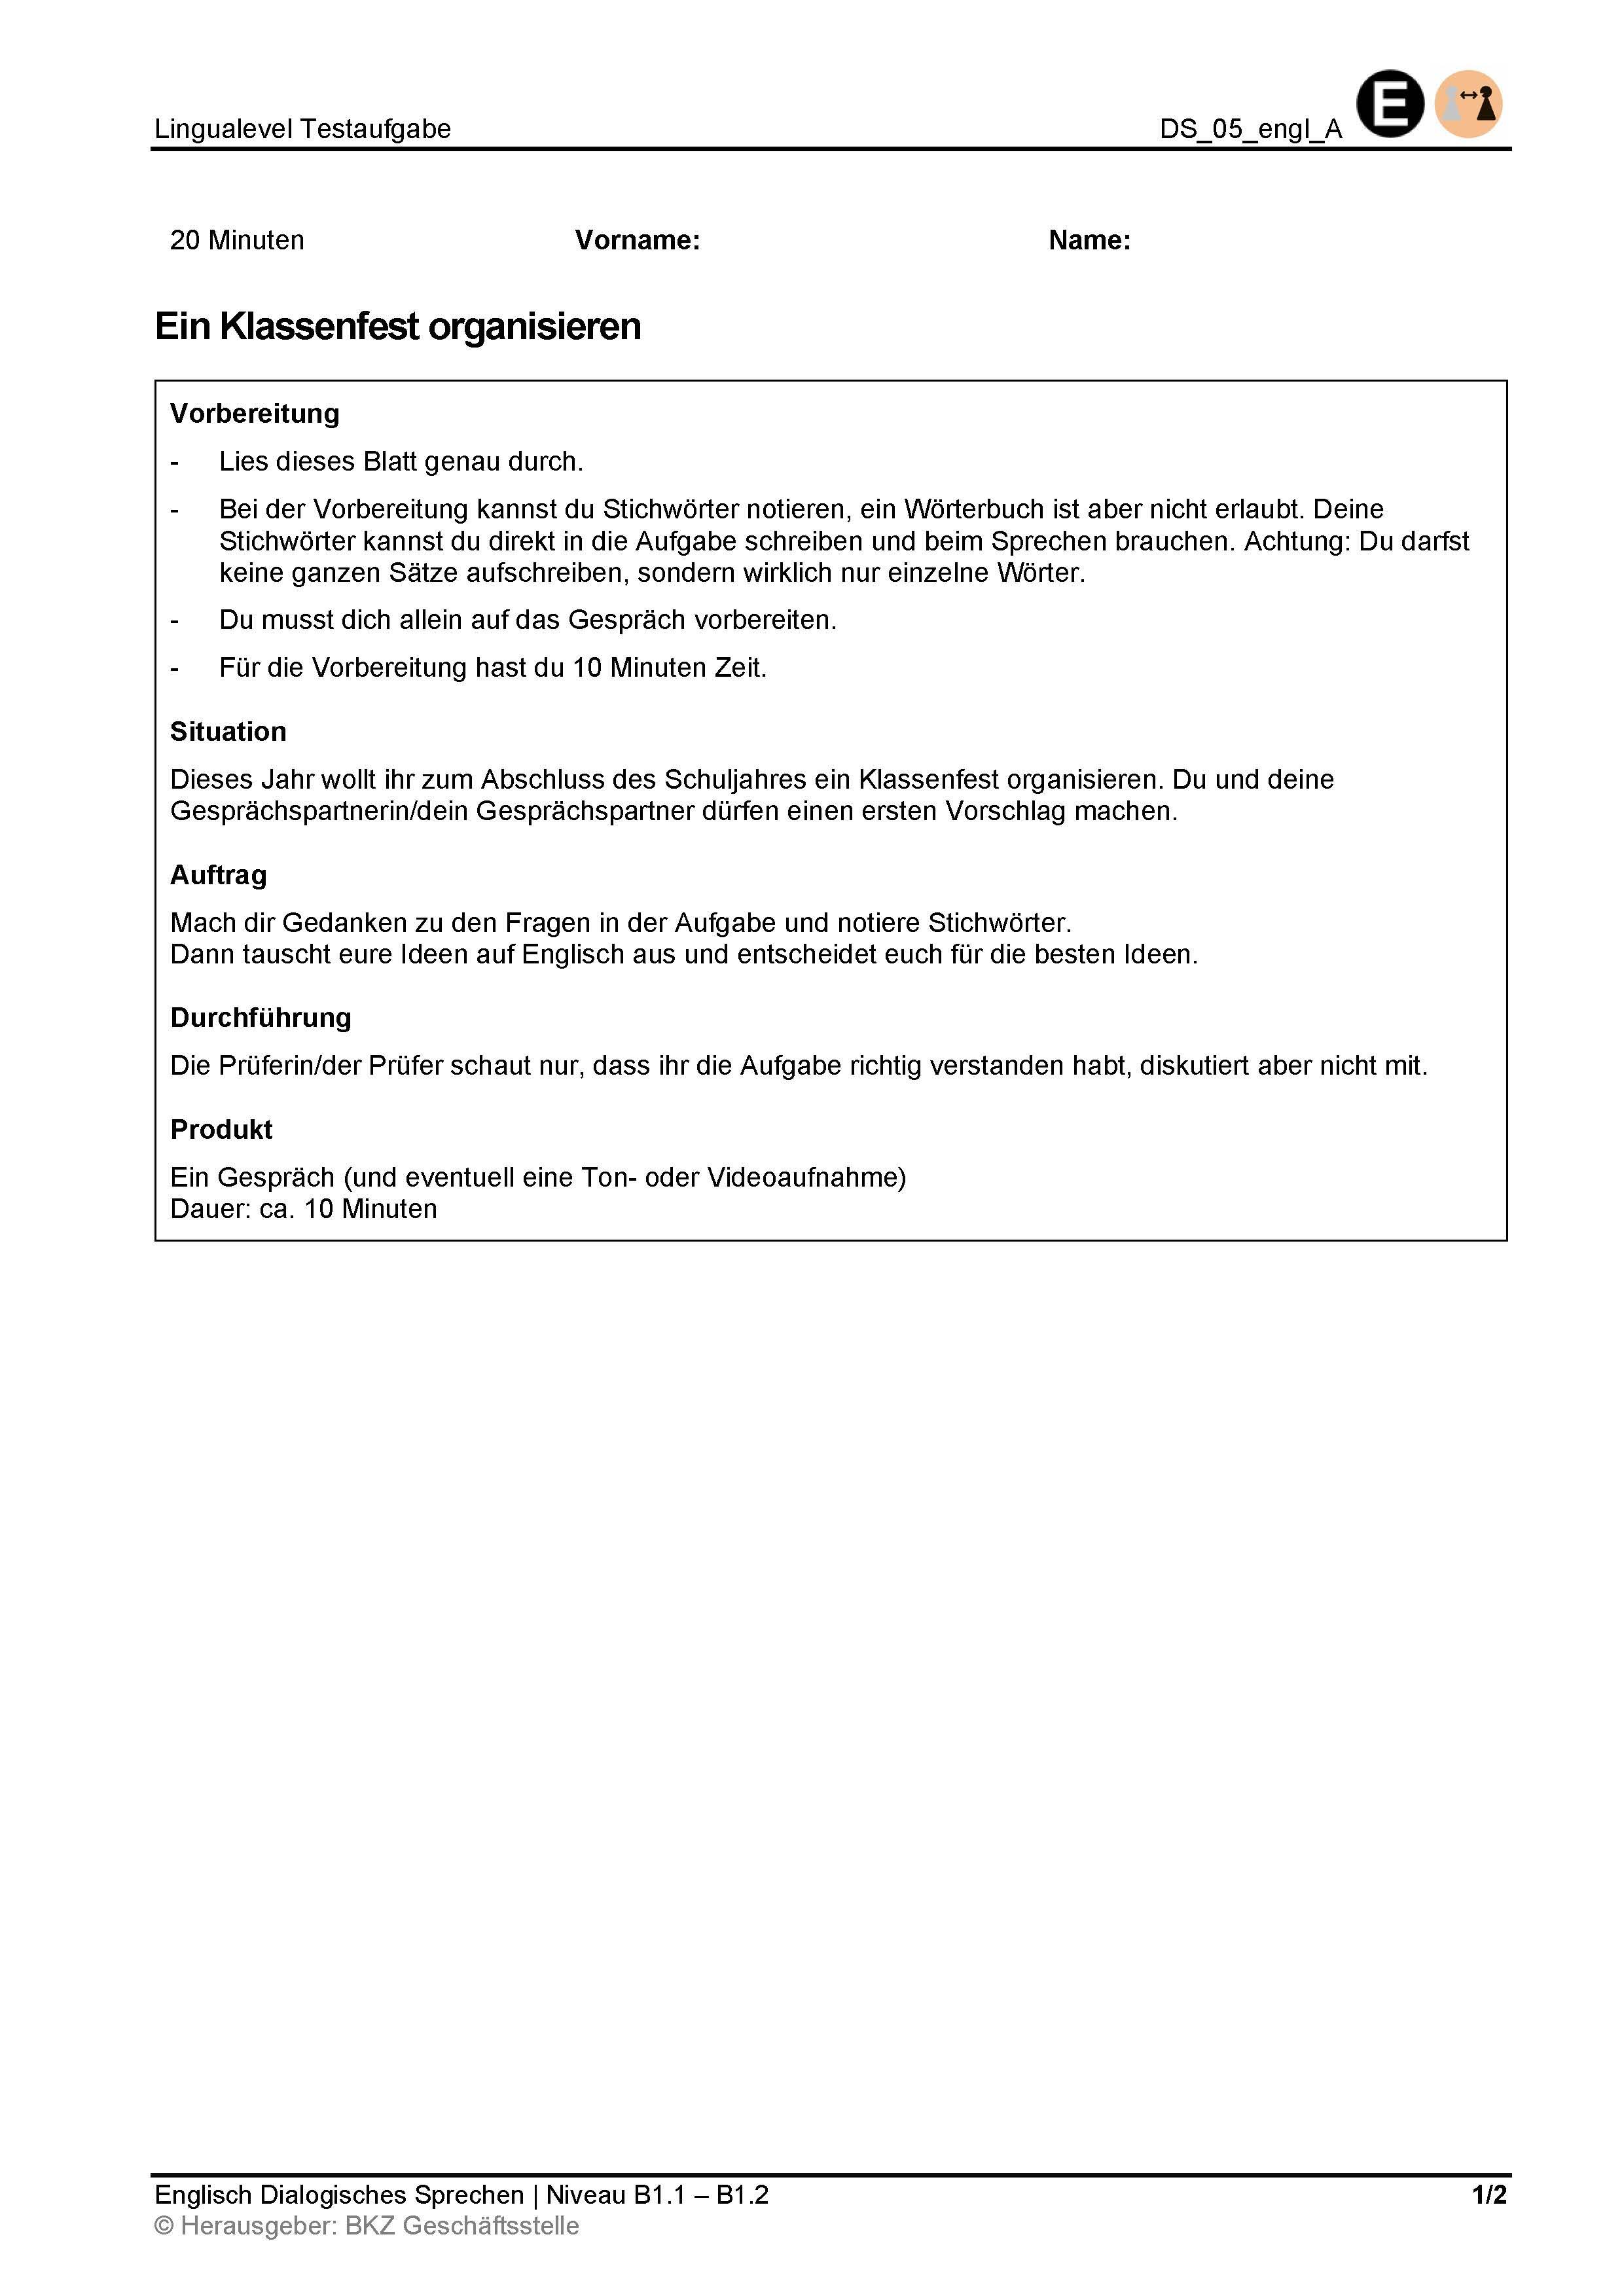 Preview image for LOM object Dialogisches Sprechen: Ein Klassenfest organisieren